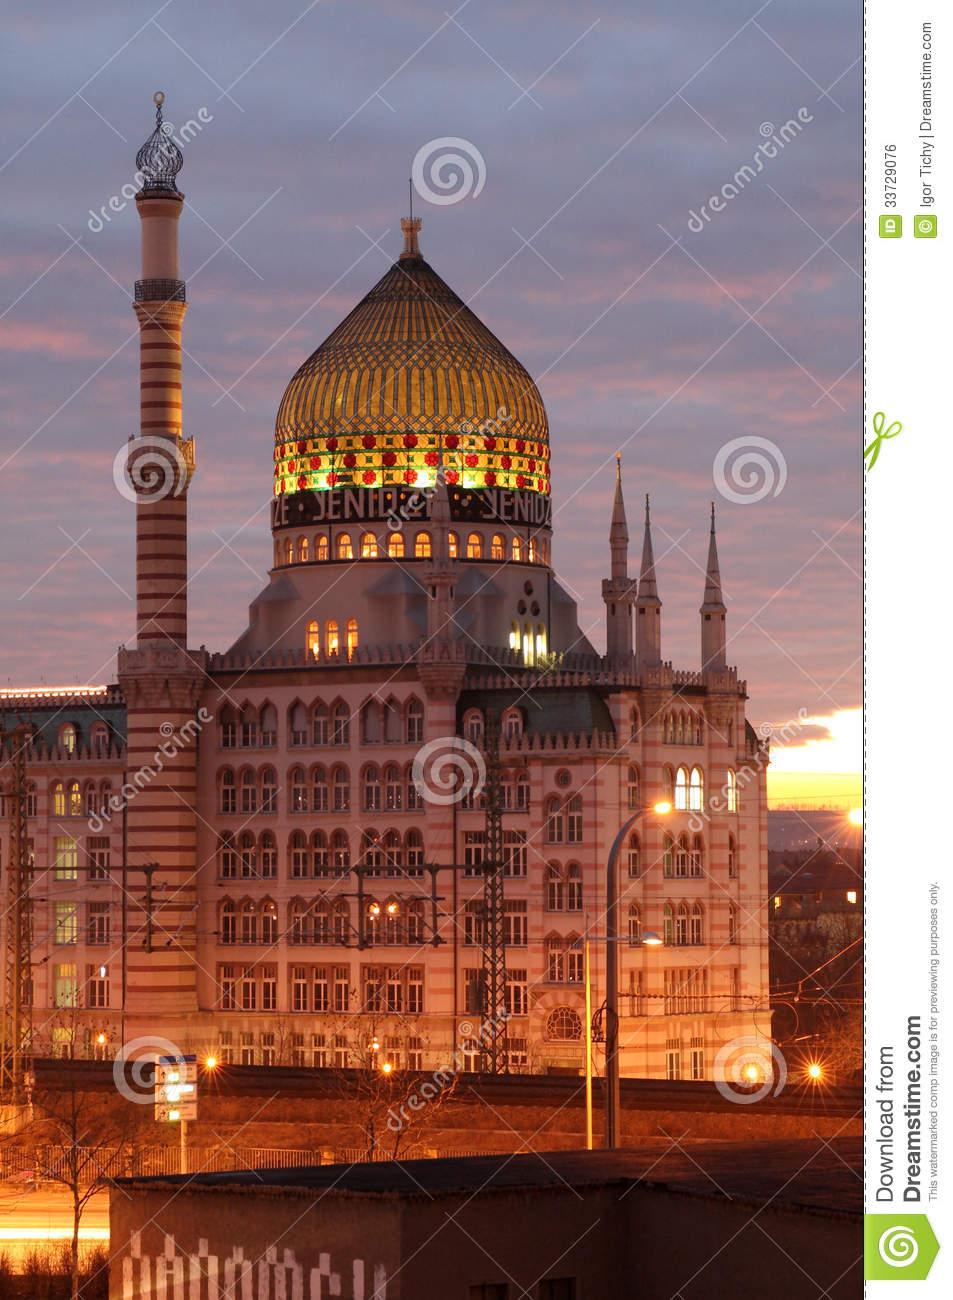 Yenidze At Dusk Royalty Free Stock Image.